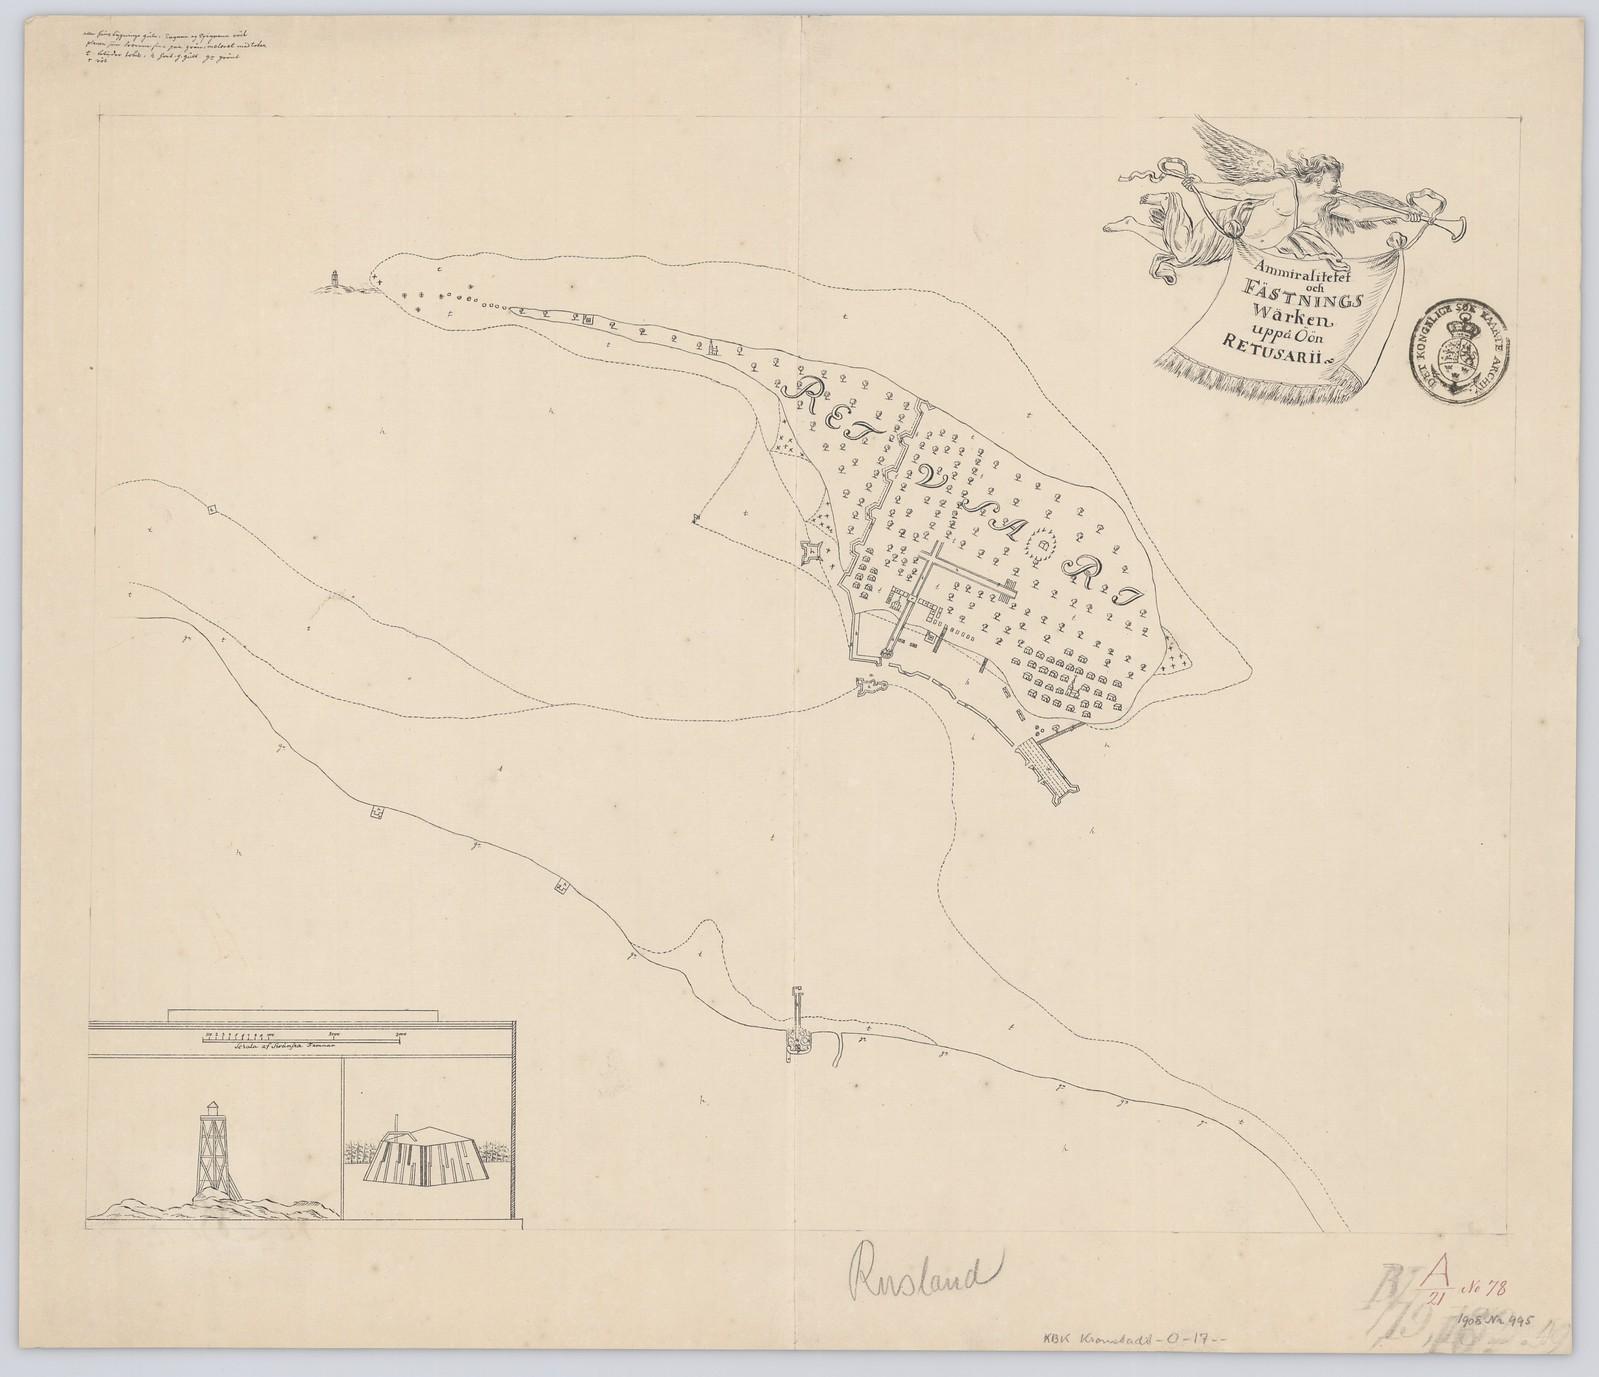 1700. Адмиралтейство и крепость Варкен на острове Ретусарии